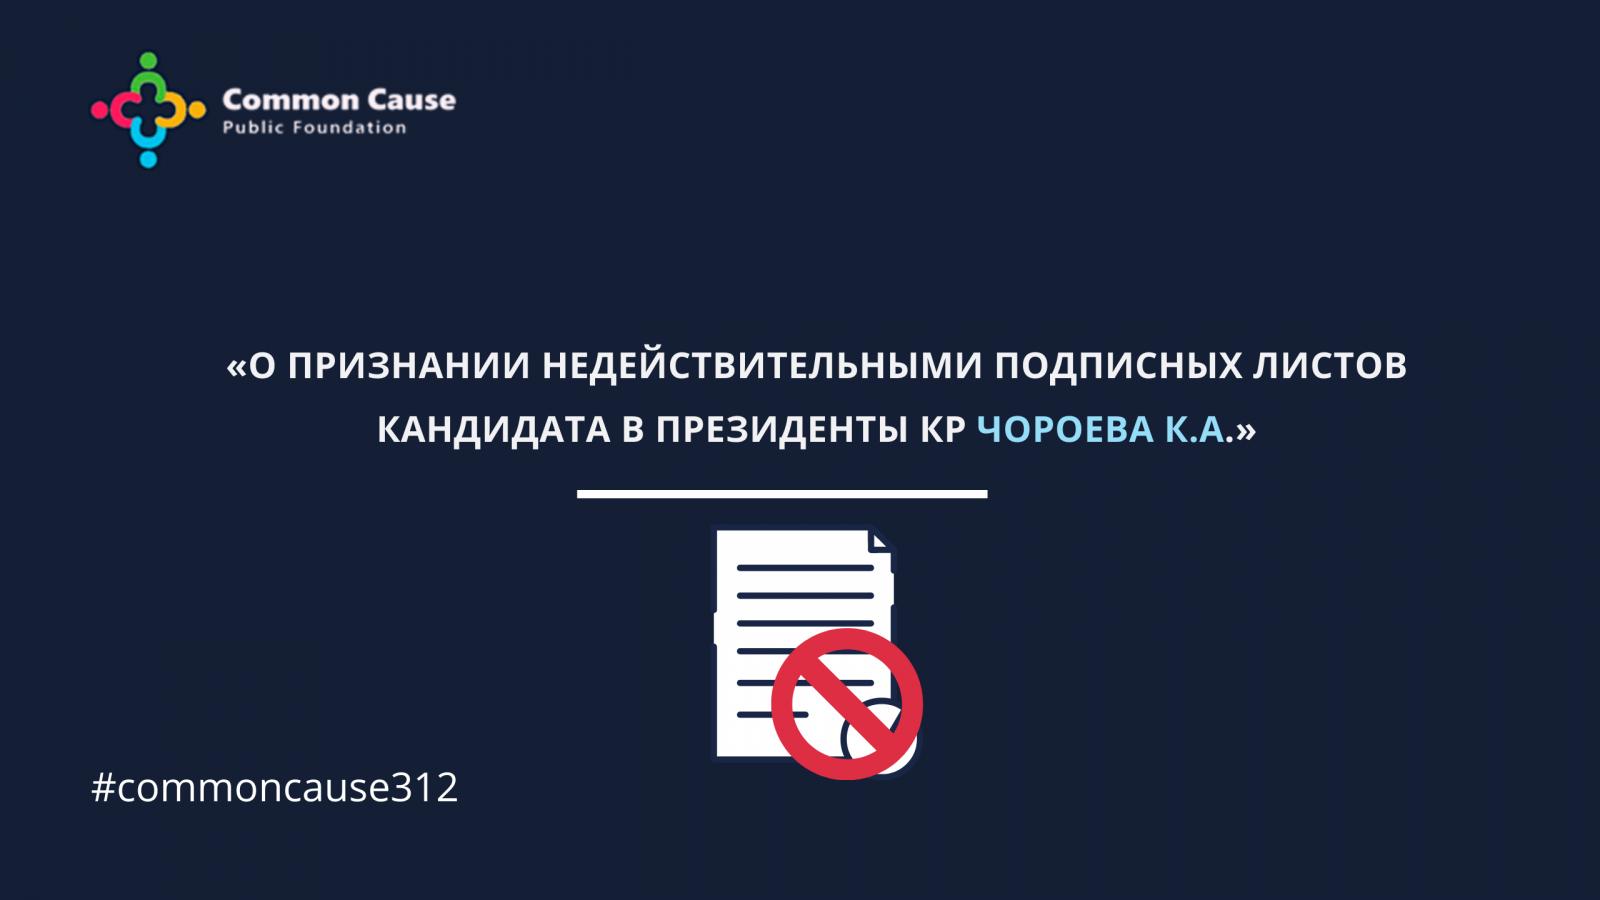 О признании недействительными подписных листов кандидата в Президенты КР Чороева К.А.